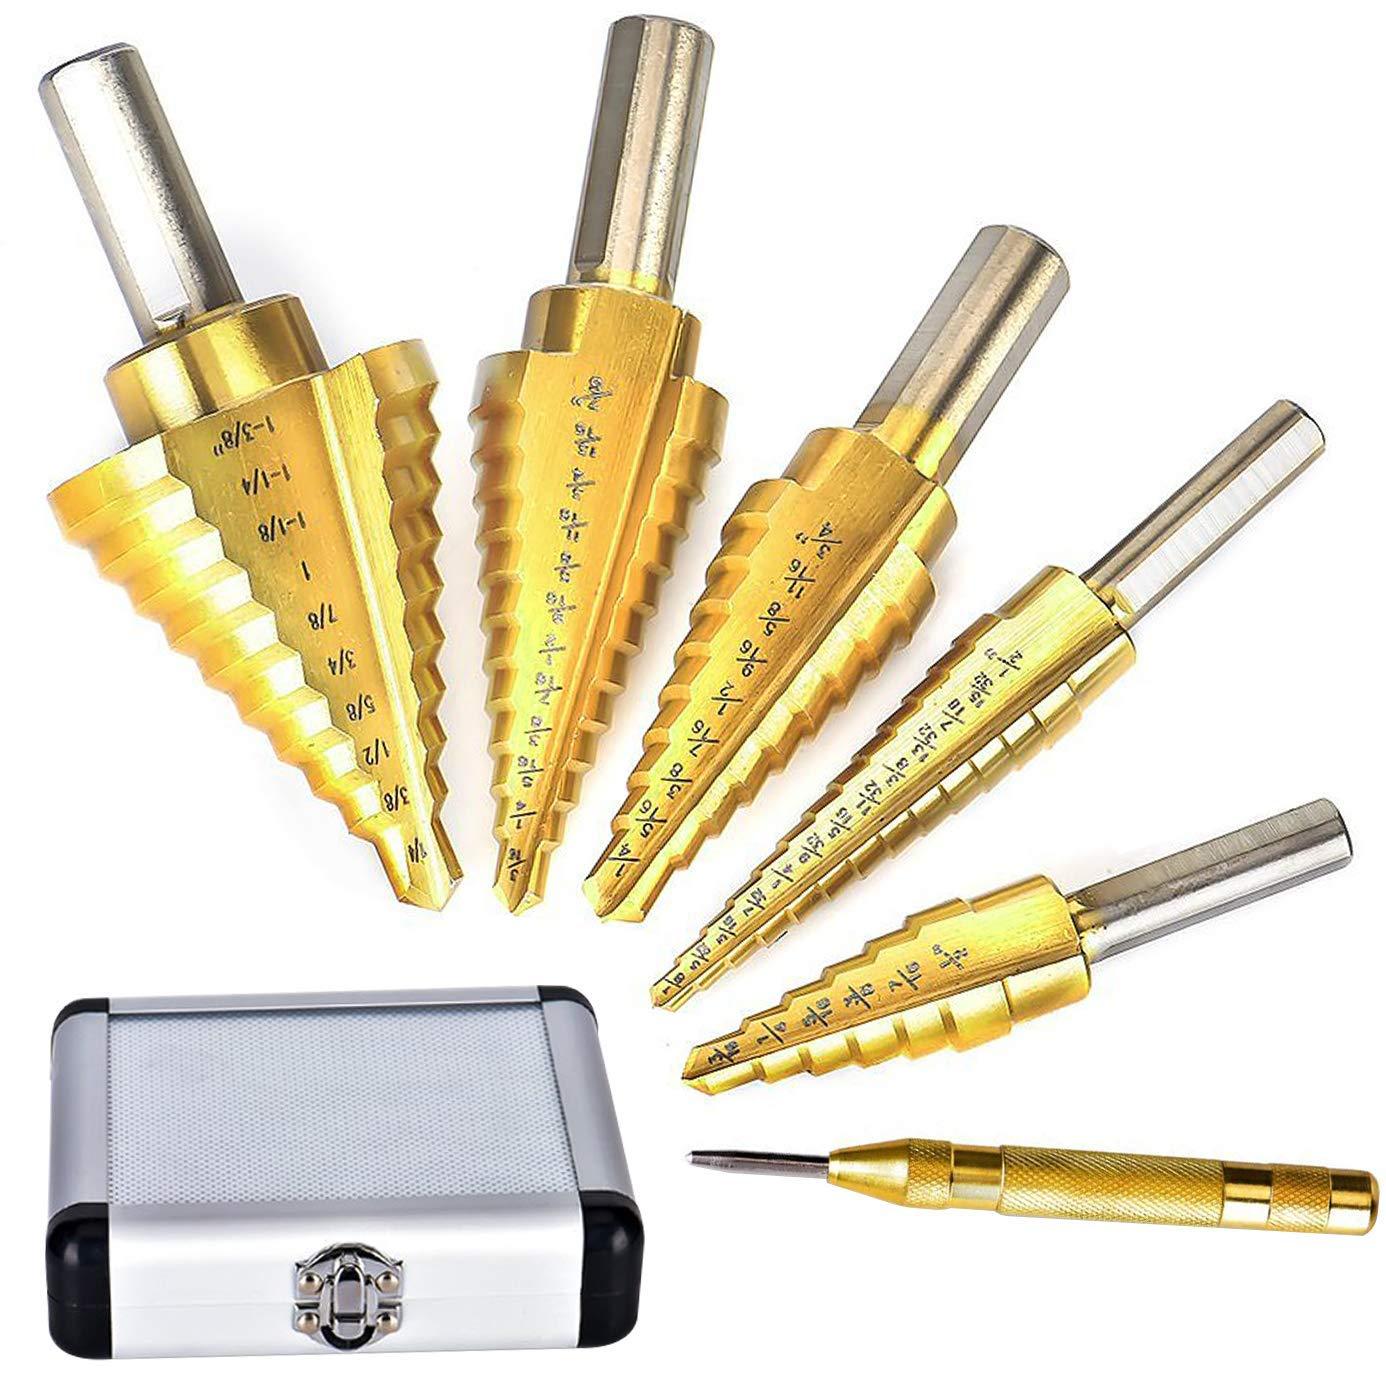 Gulakey 6 Pcs Step Steel Titanium Step Drill Bit Tool Sets Step Cone Cutt Tools Metal Drill Bit Set for Wood PVC Thin Steel